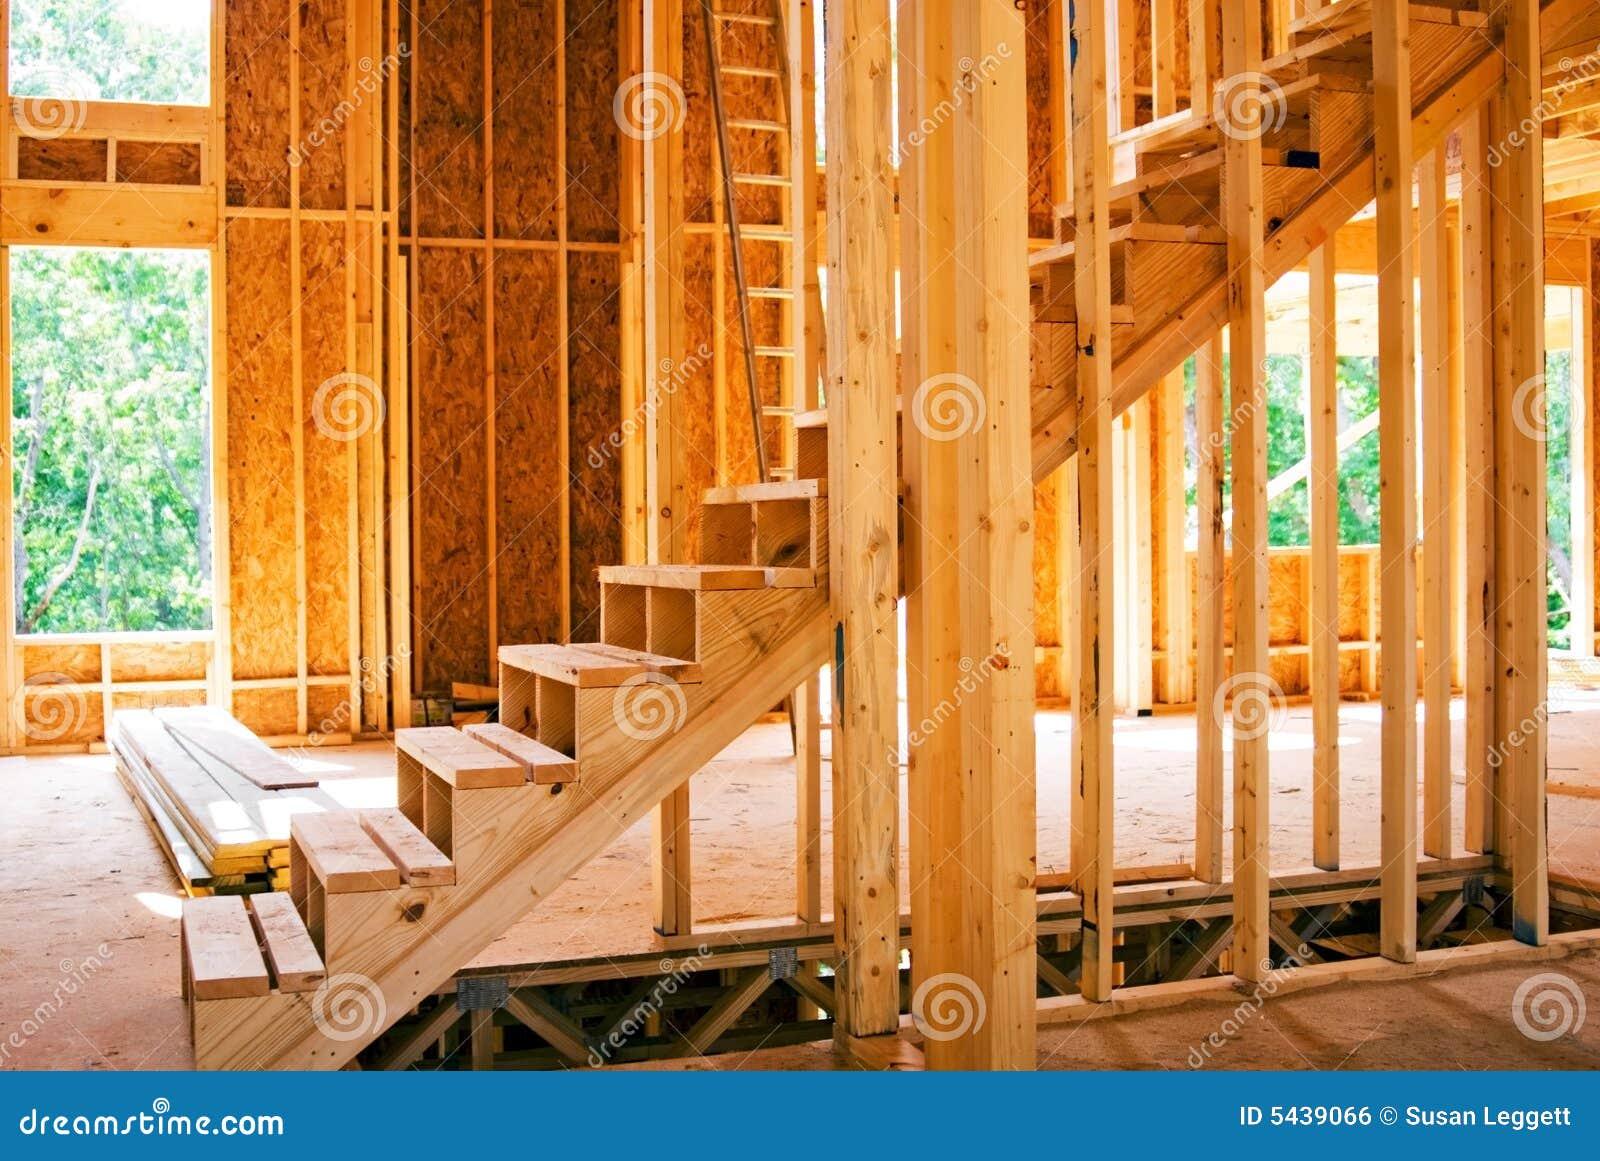 Escaliers neufs de chantier